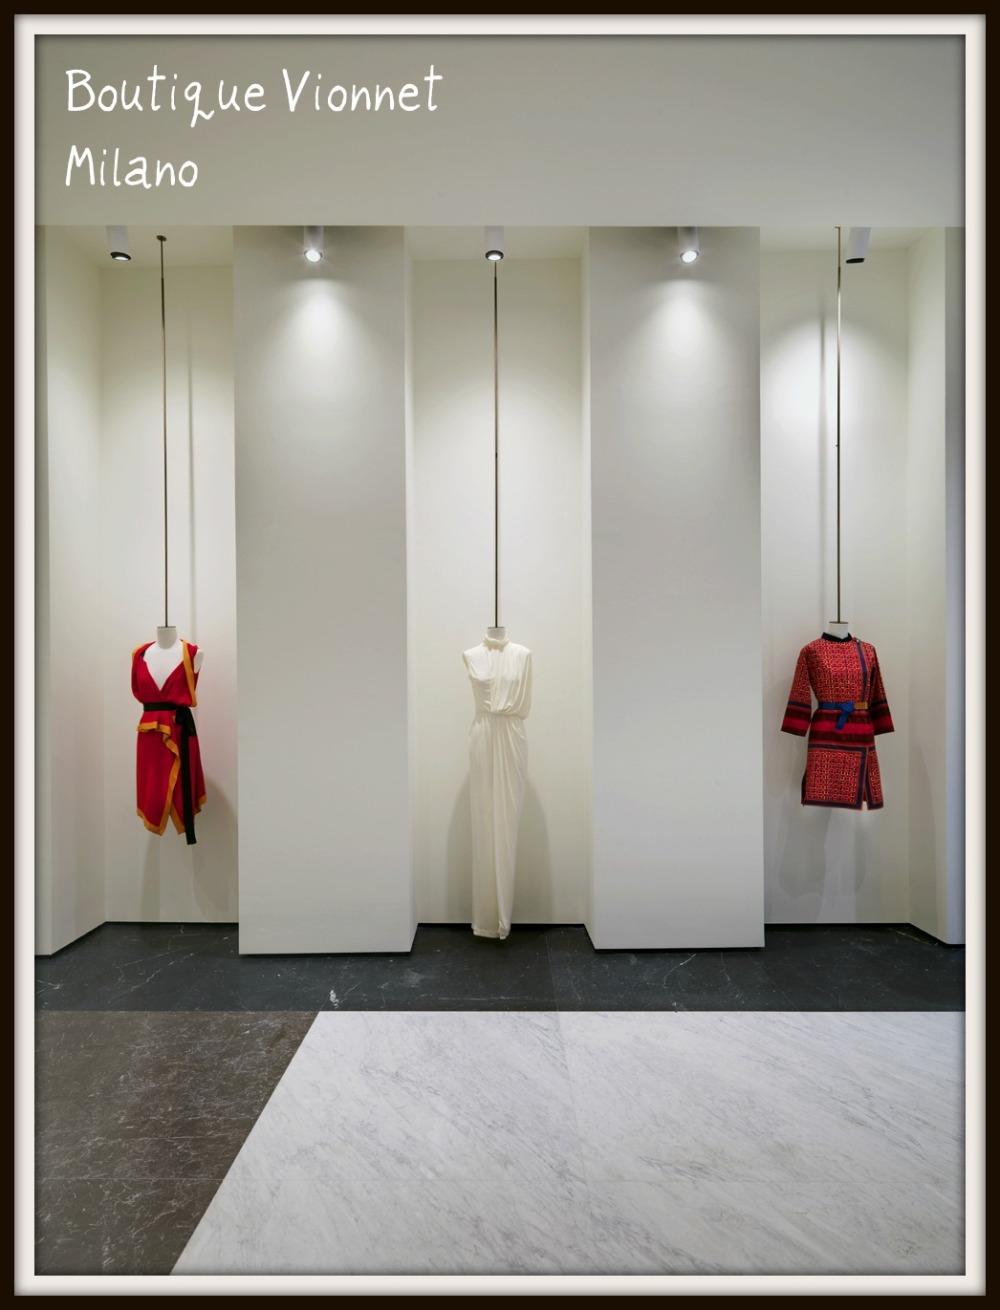 Boutique Vionnet - Milano